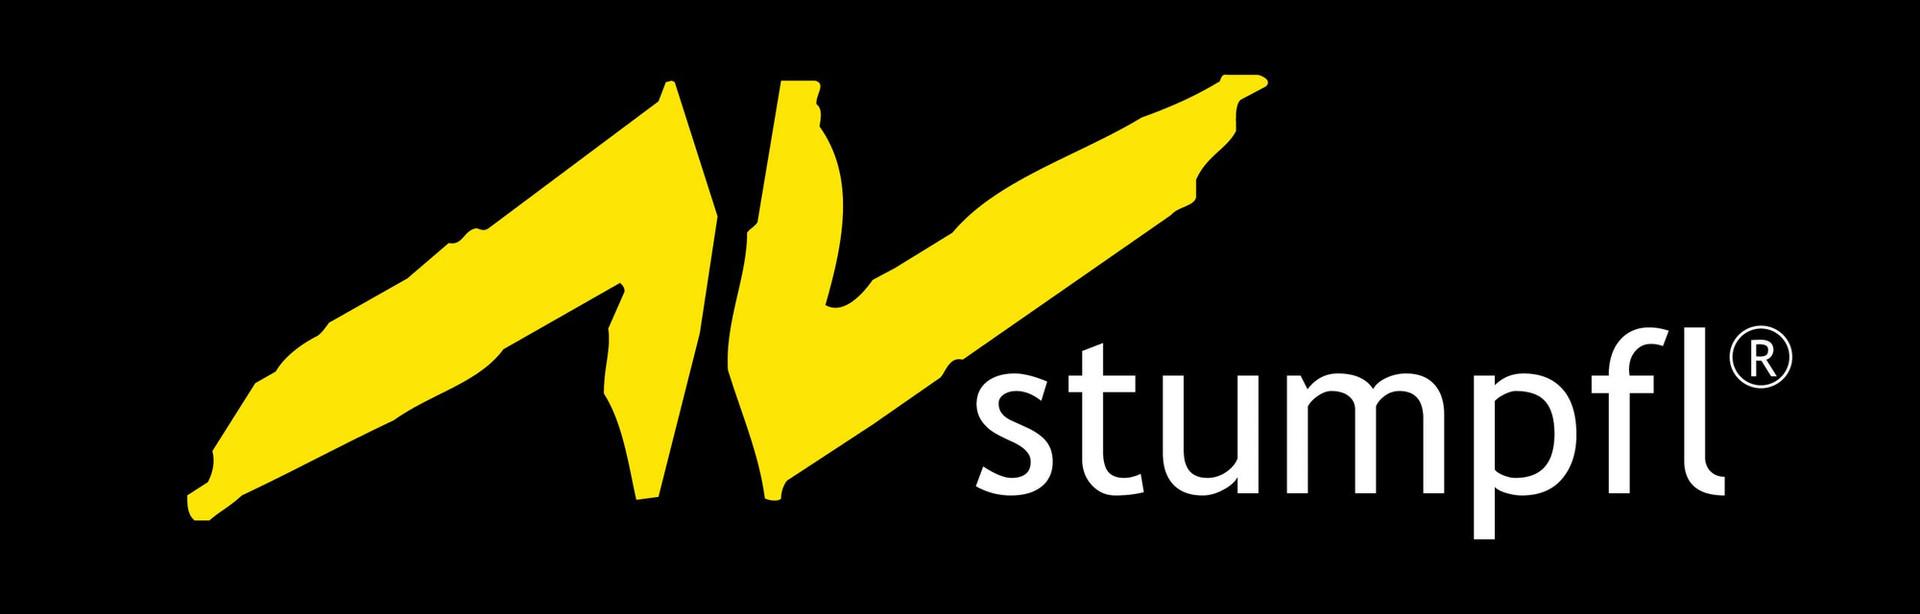 AV_Stumpfl_Logo_Black-scaled.jpg